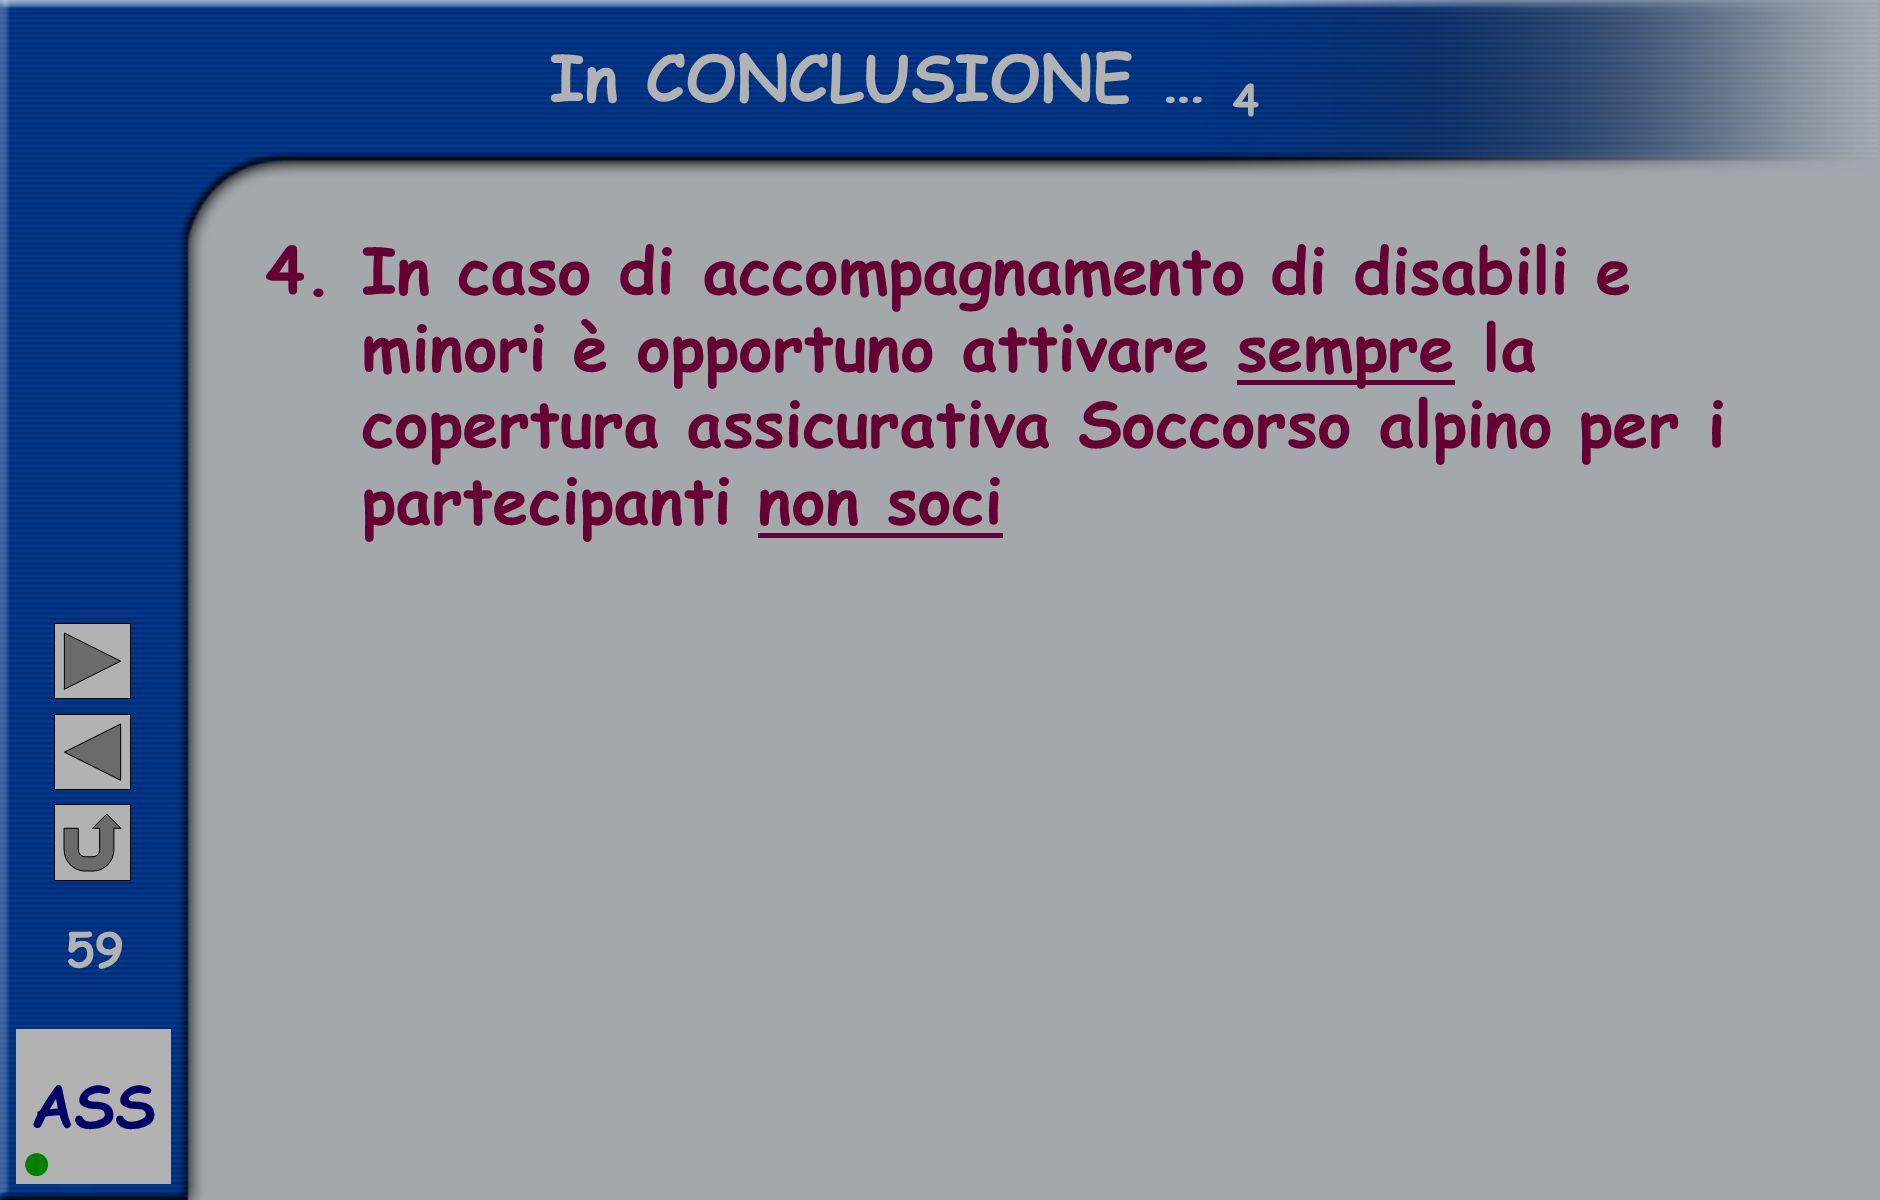 ASS 59 In CONCLUSIONE … 4 4.In caso di accompagnamento di disabili e minori è opportuno attivare sempre la copertura assicurativa Soccorso alpino per